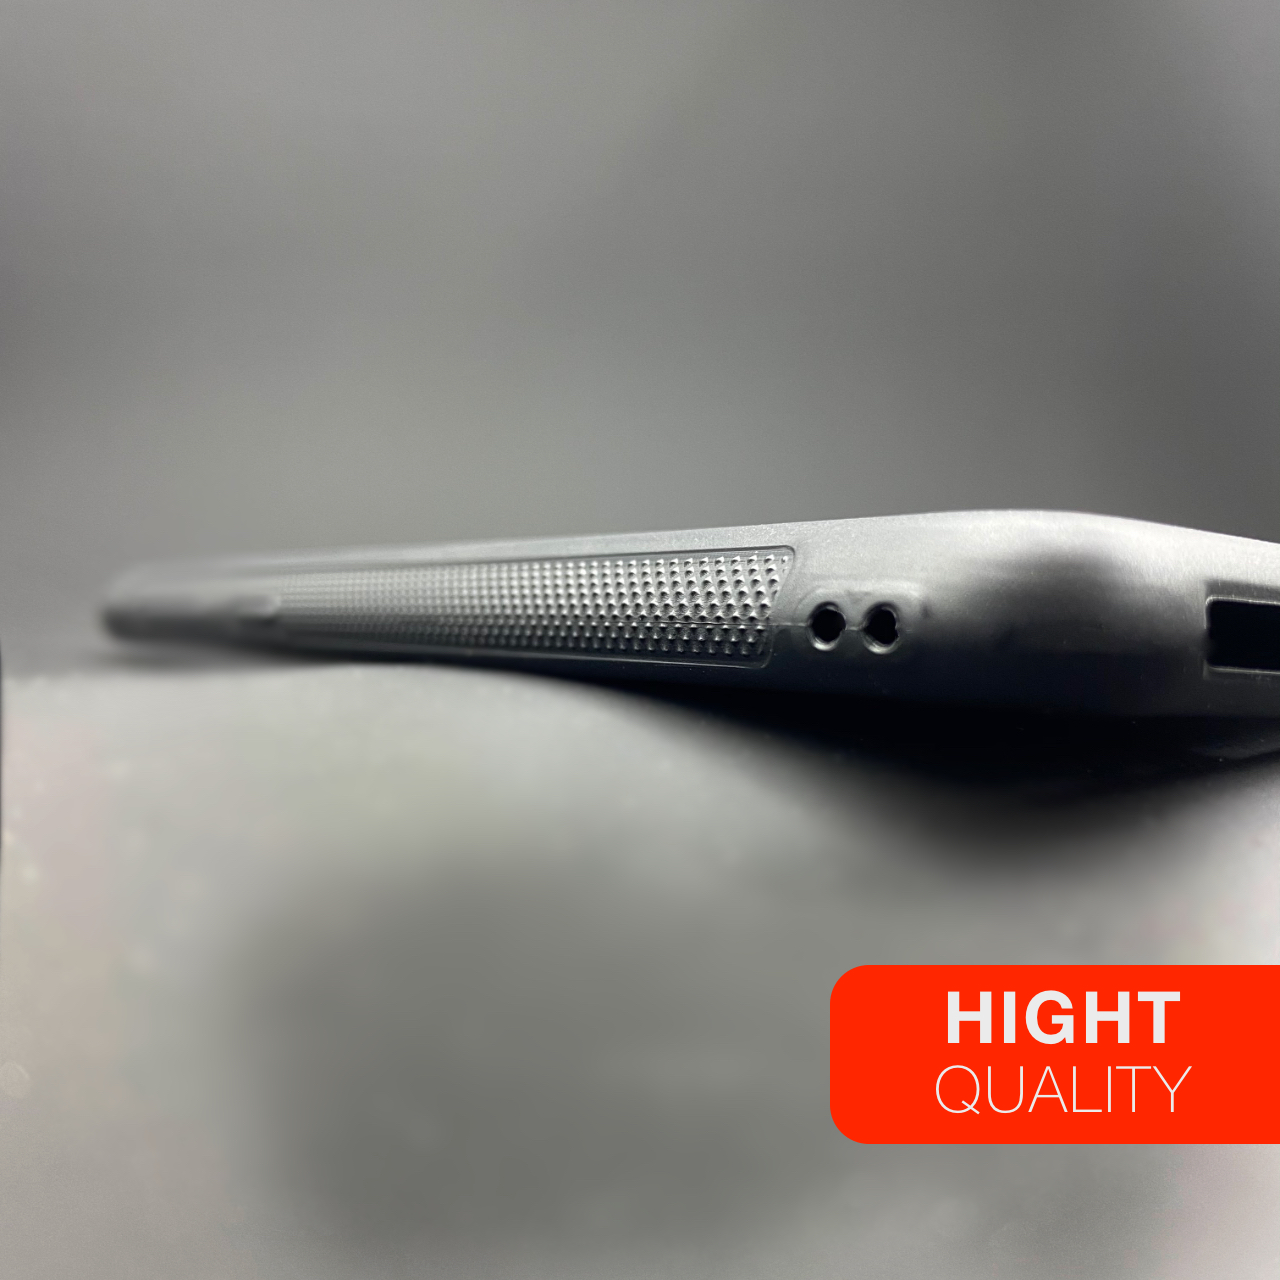 کاور آکام مدل AJsevPri2478 مناسب برای گوشی موبایل سامسونگ Galaxy J7 Prime thumb 2 2